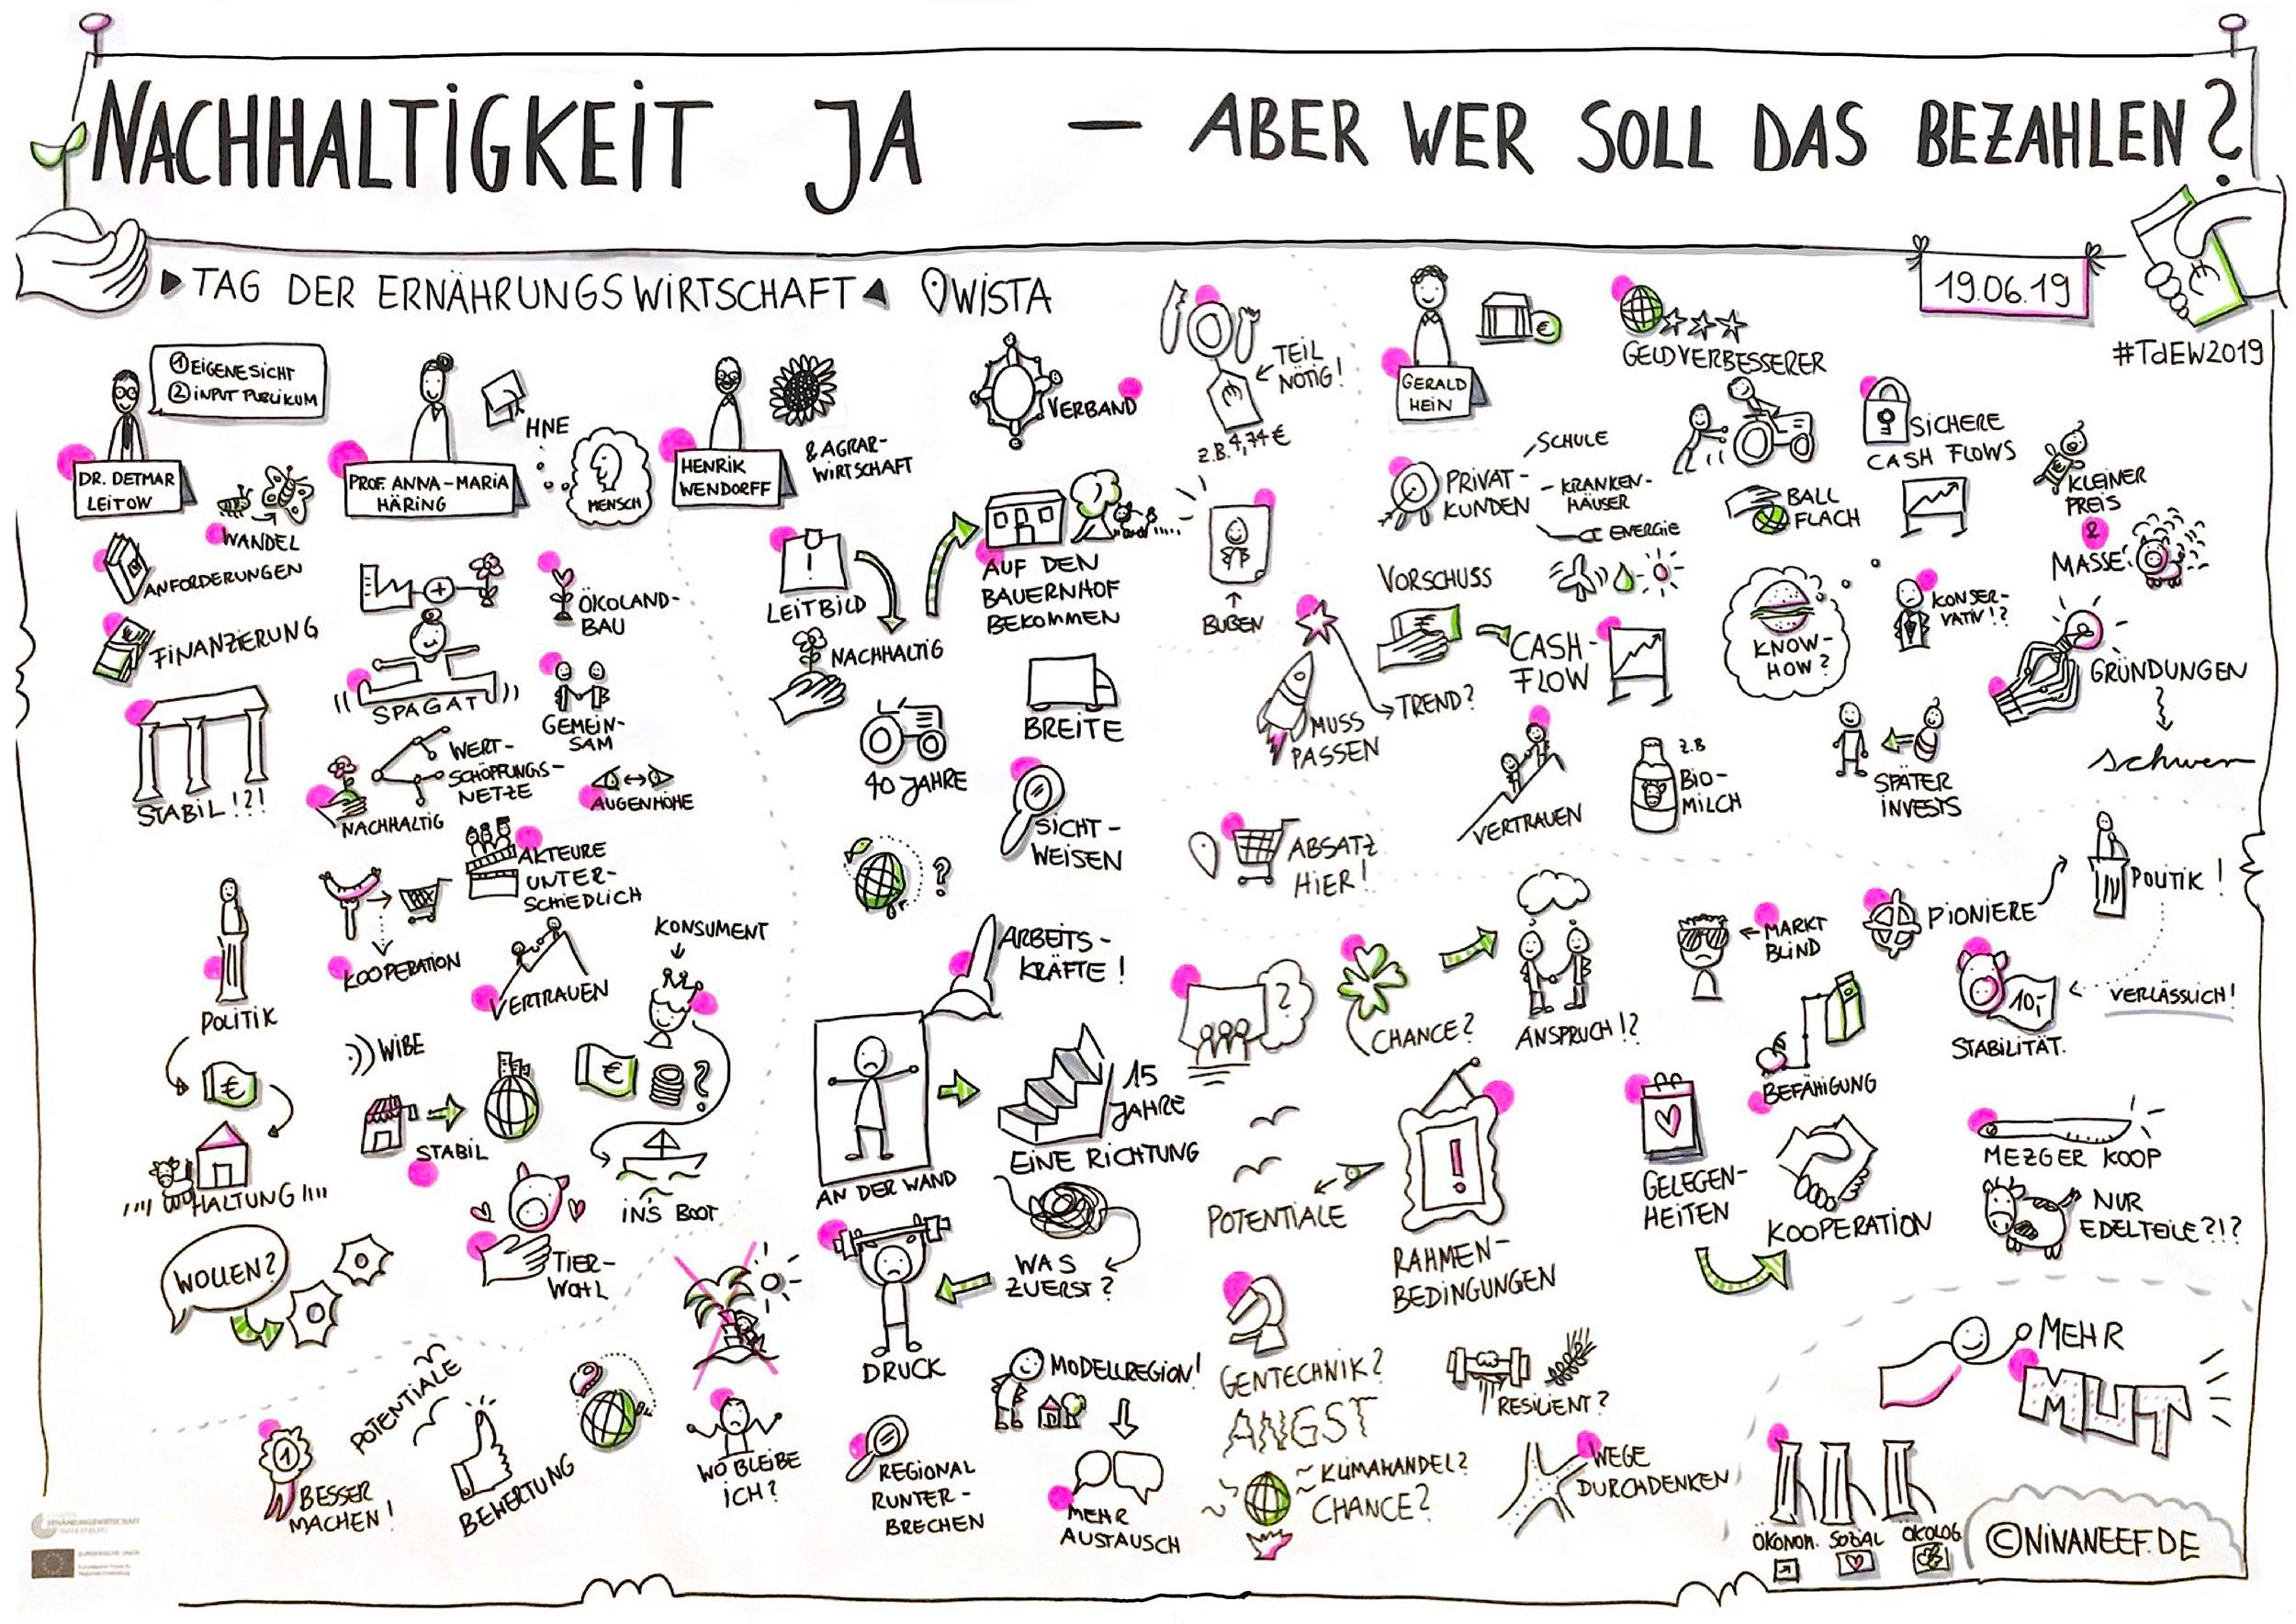 Beim Tag Der Ernährungswirtschaft Der Wirtschaftsförderung Berlin Brandenburg Cluster Ernährungswirtschaft Erstellte Nina Neef Ein Live Graphic Recording.